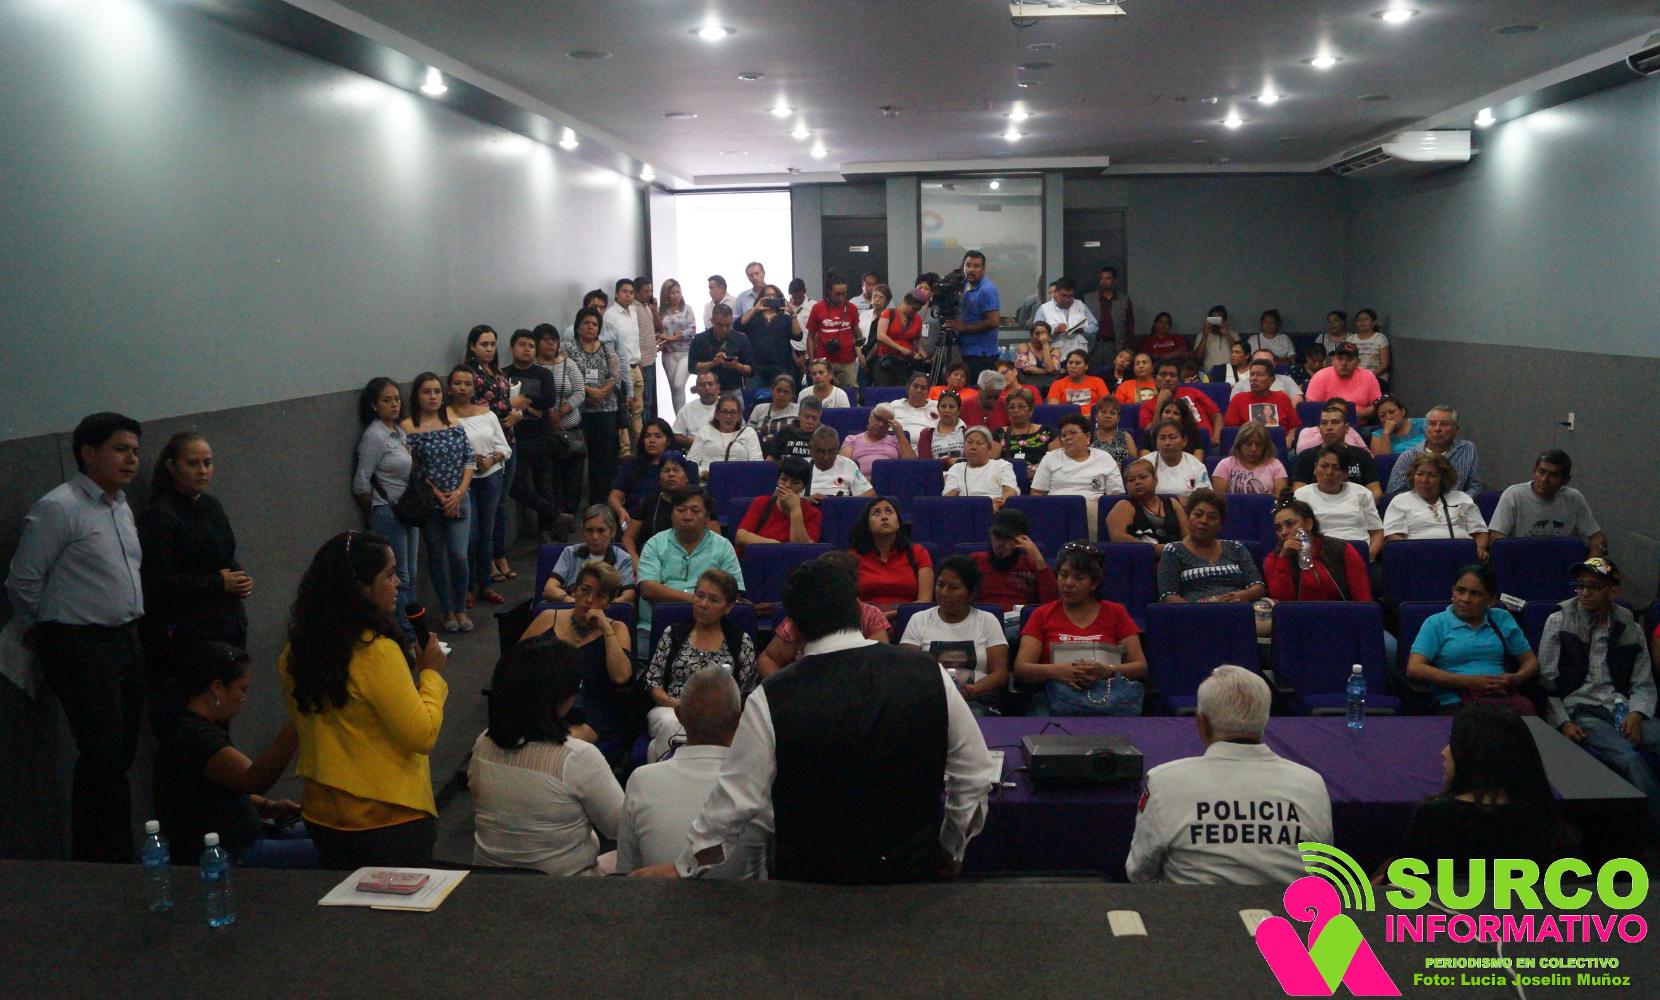 Caravana de Búsqueda: buscando desaparecidos y sensibilidad en la Fiscalía de Morelos